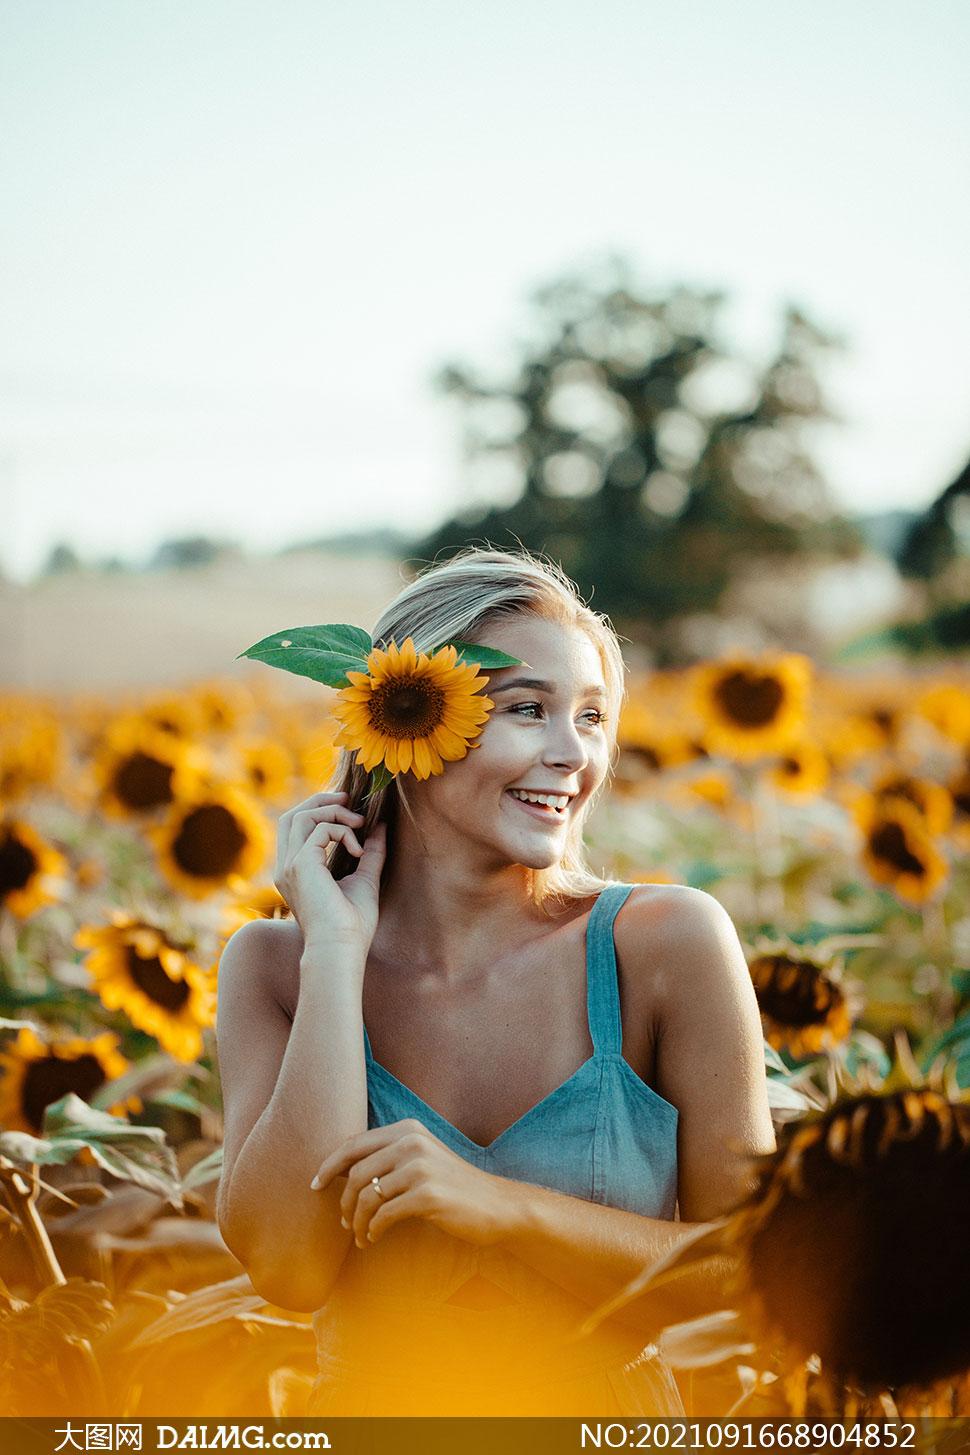 在葵花园里的开心美女摄影高清图片